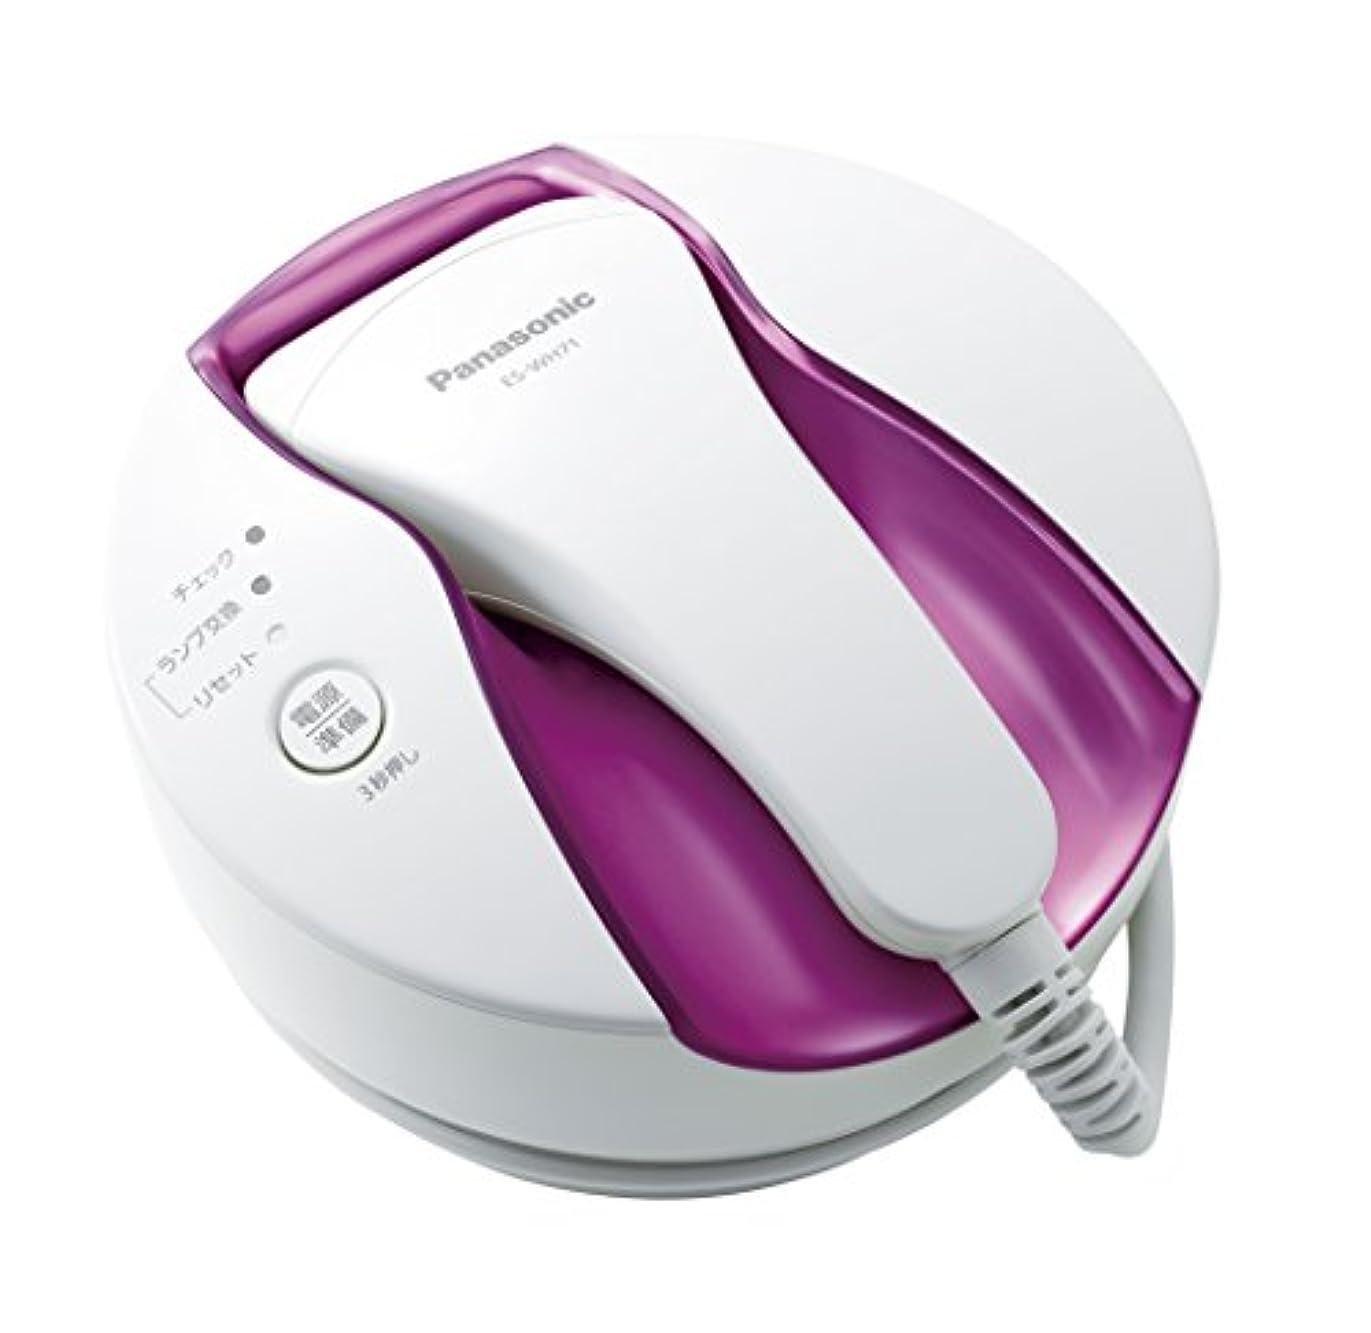 想定マイクロフォン抽象パナソニック 光美容器 光エステ ボディ用  ピンク調 ES-WH71-P